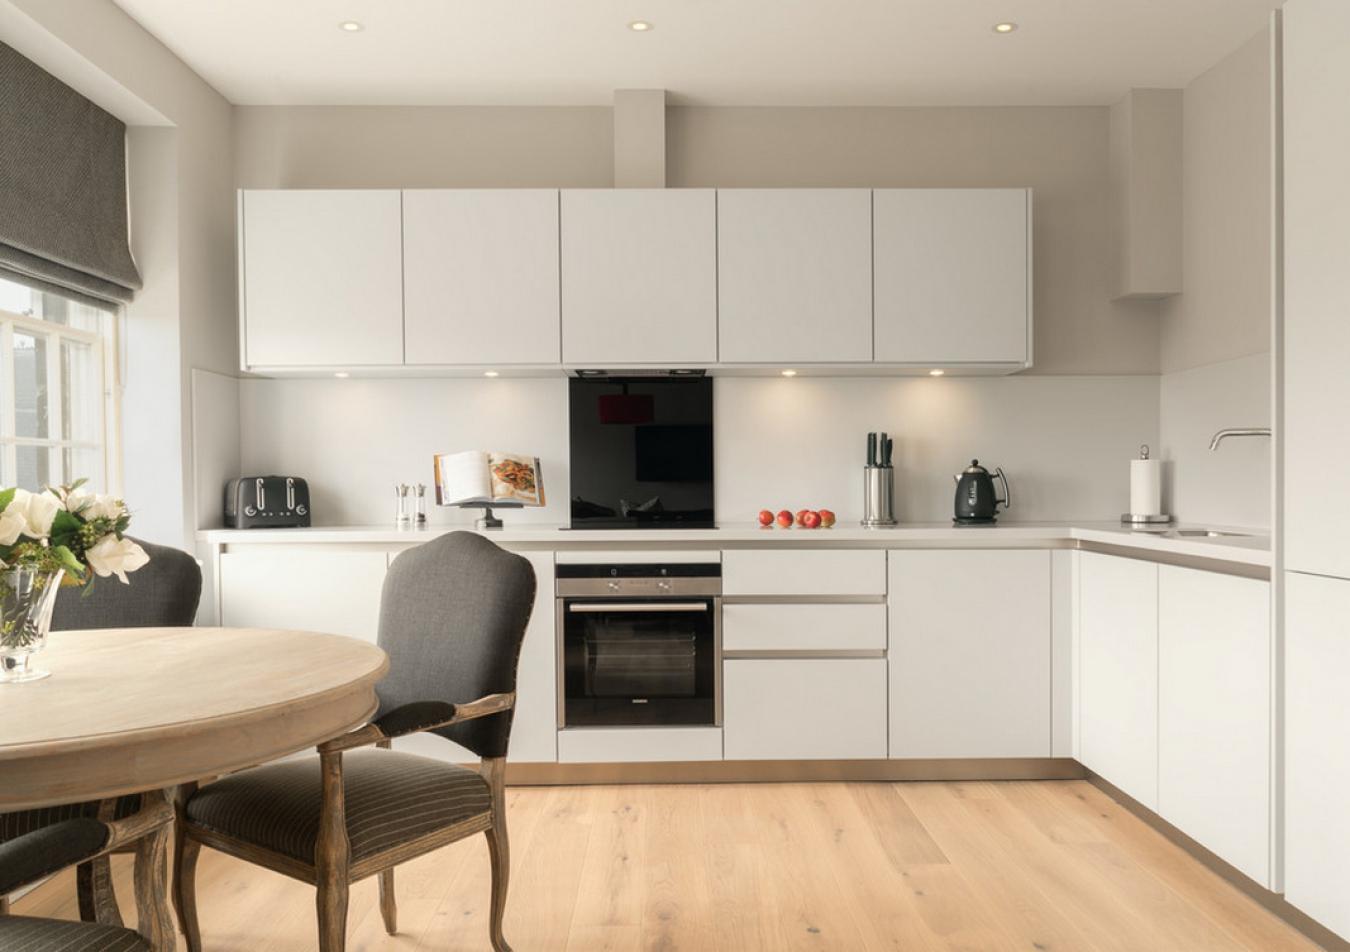 Дизайн кухни г образной формы 768